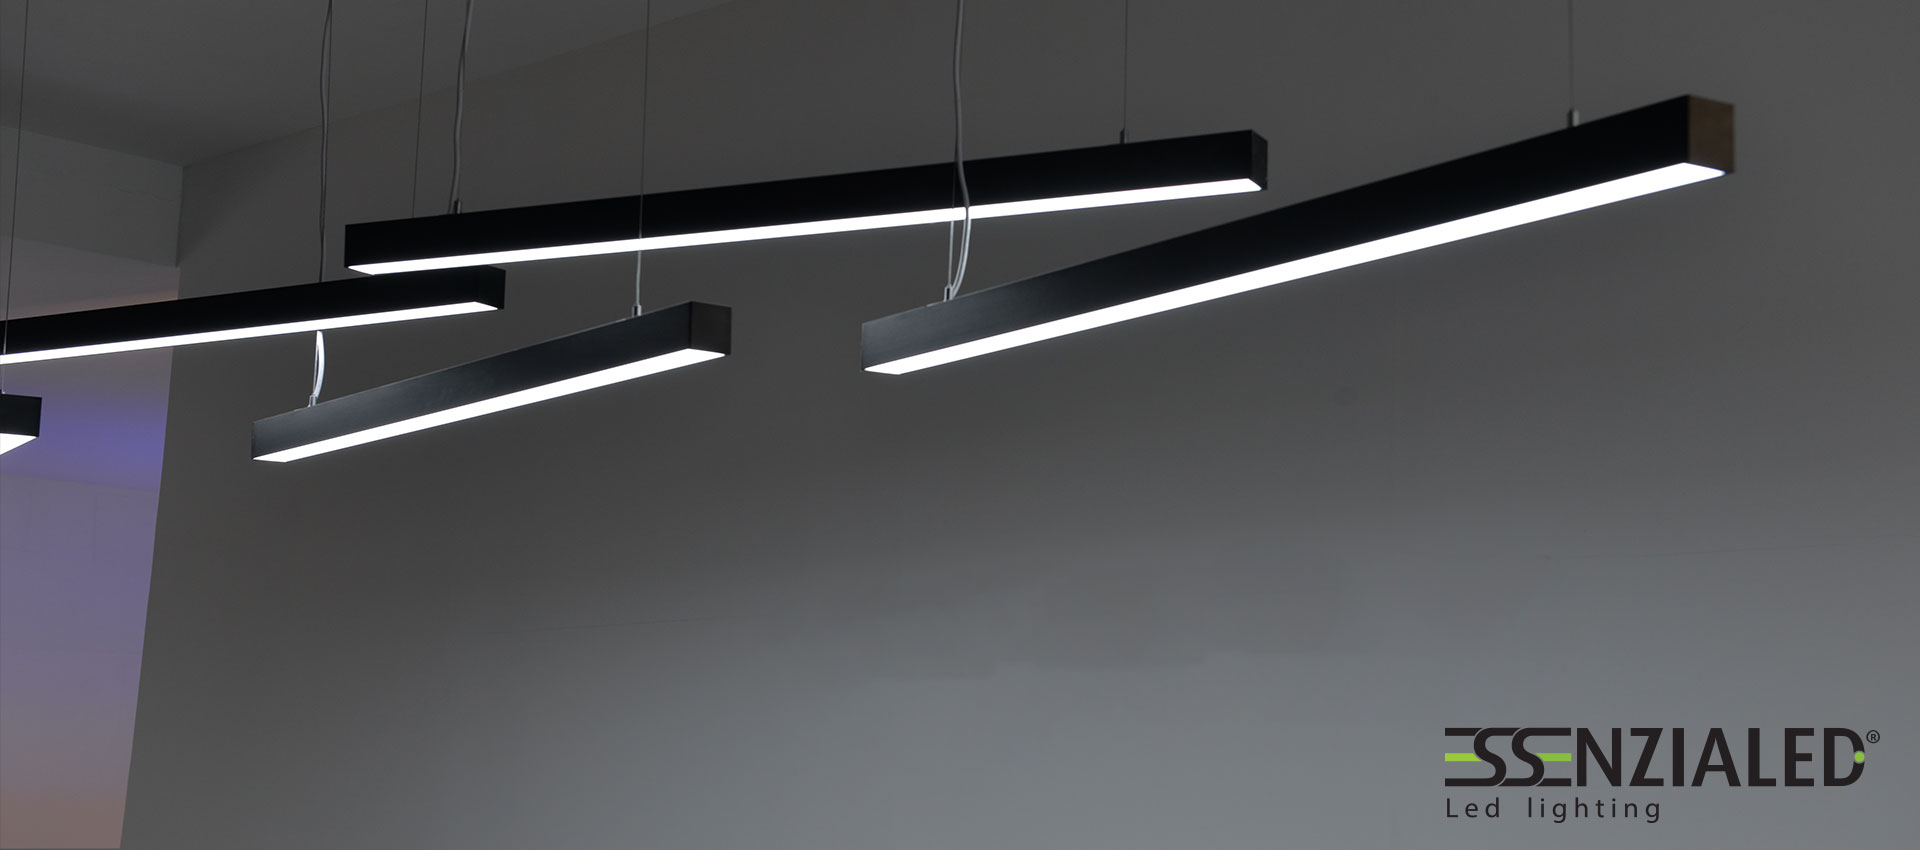 Illuminazione Ufficio Prezzi.Illuminazione Led Per Uffici Prodotte Su Misura